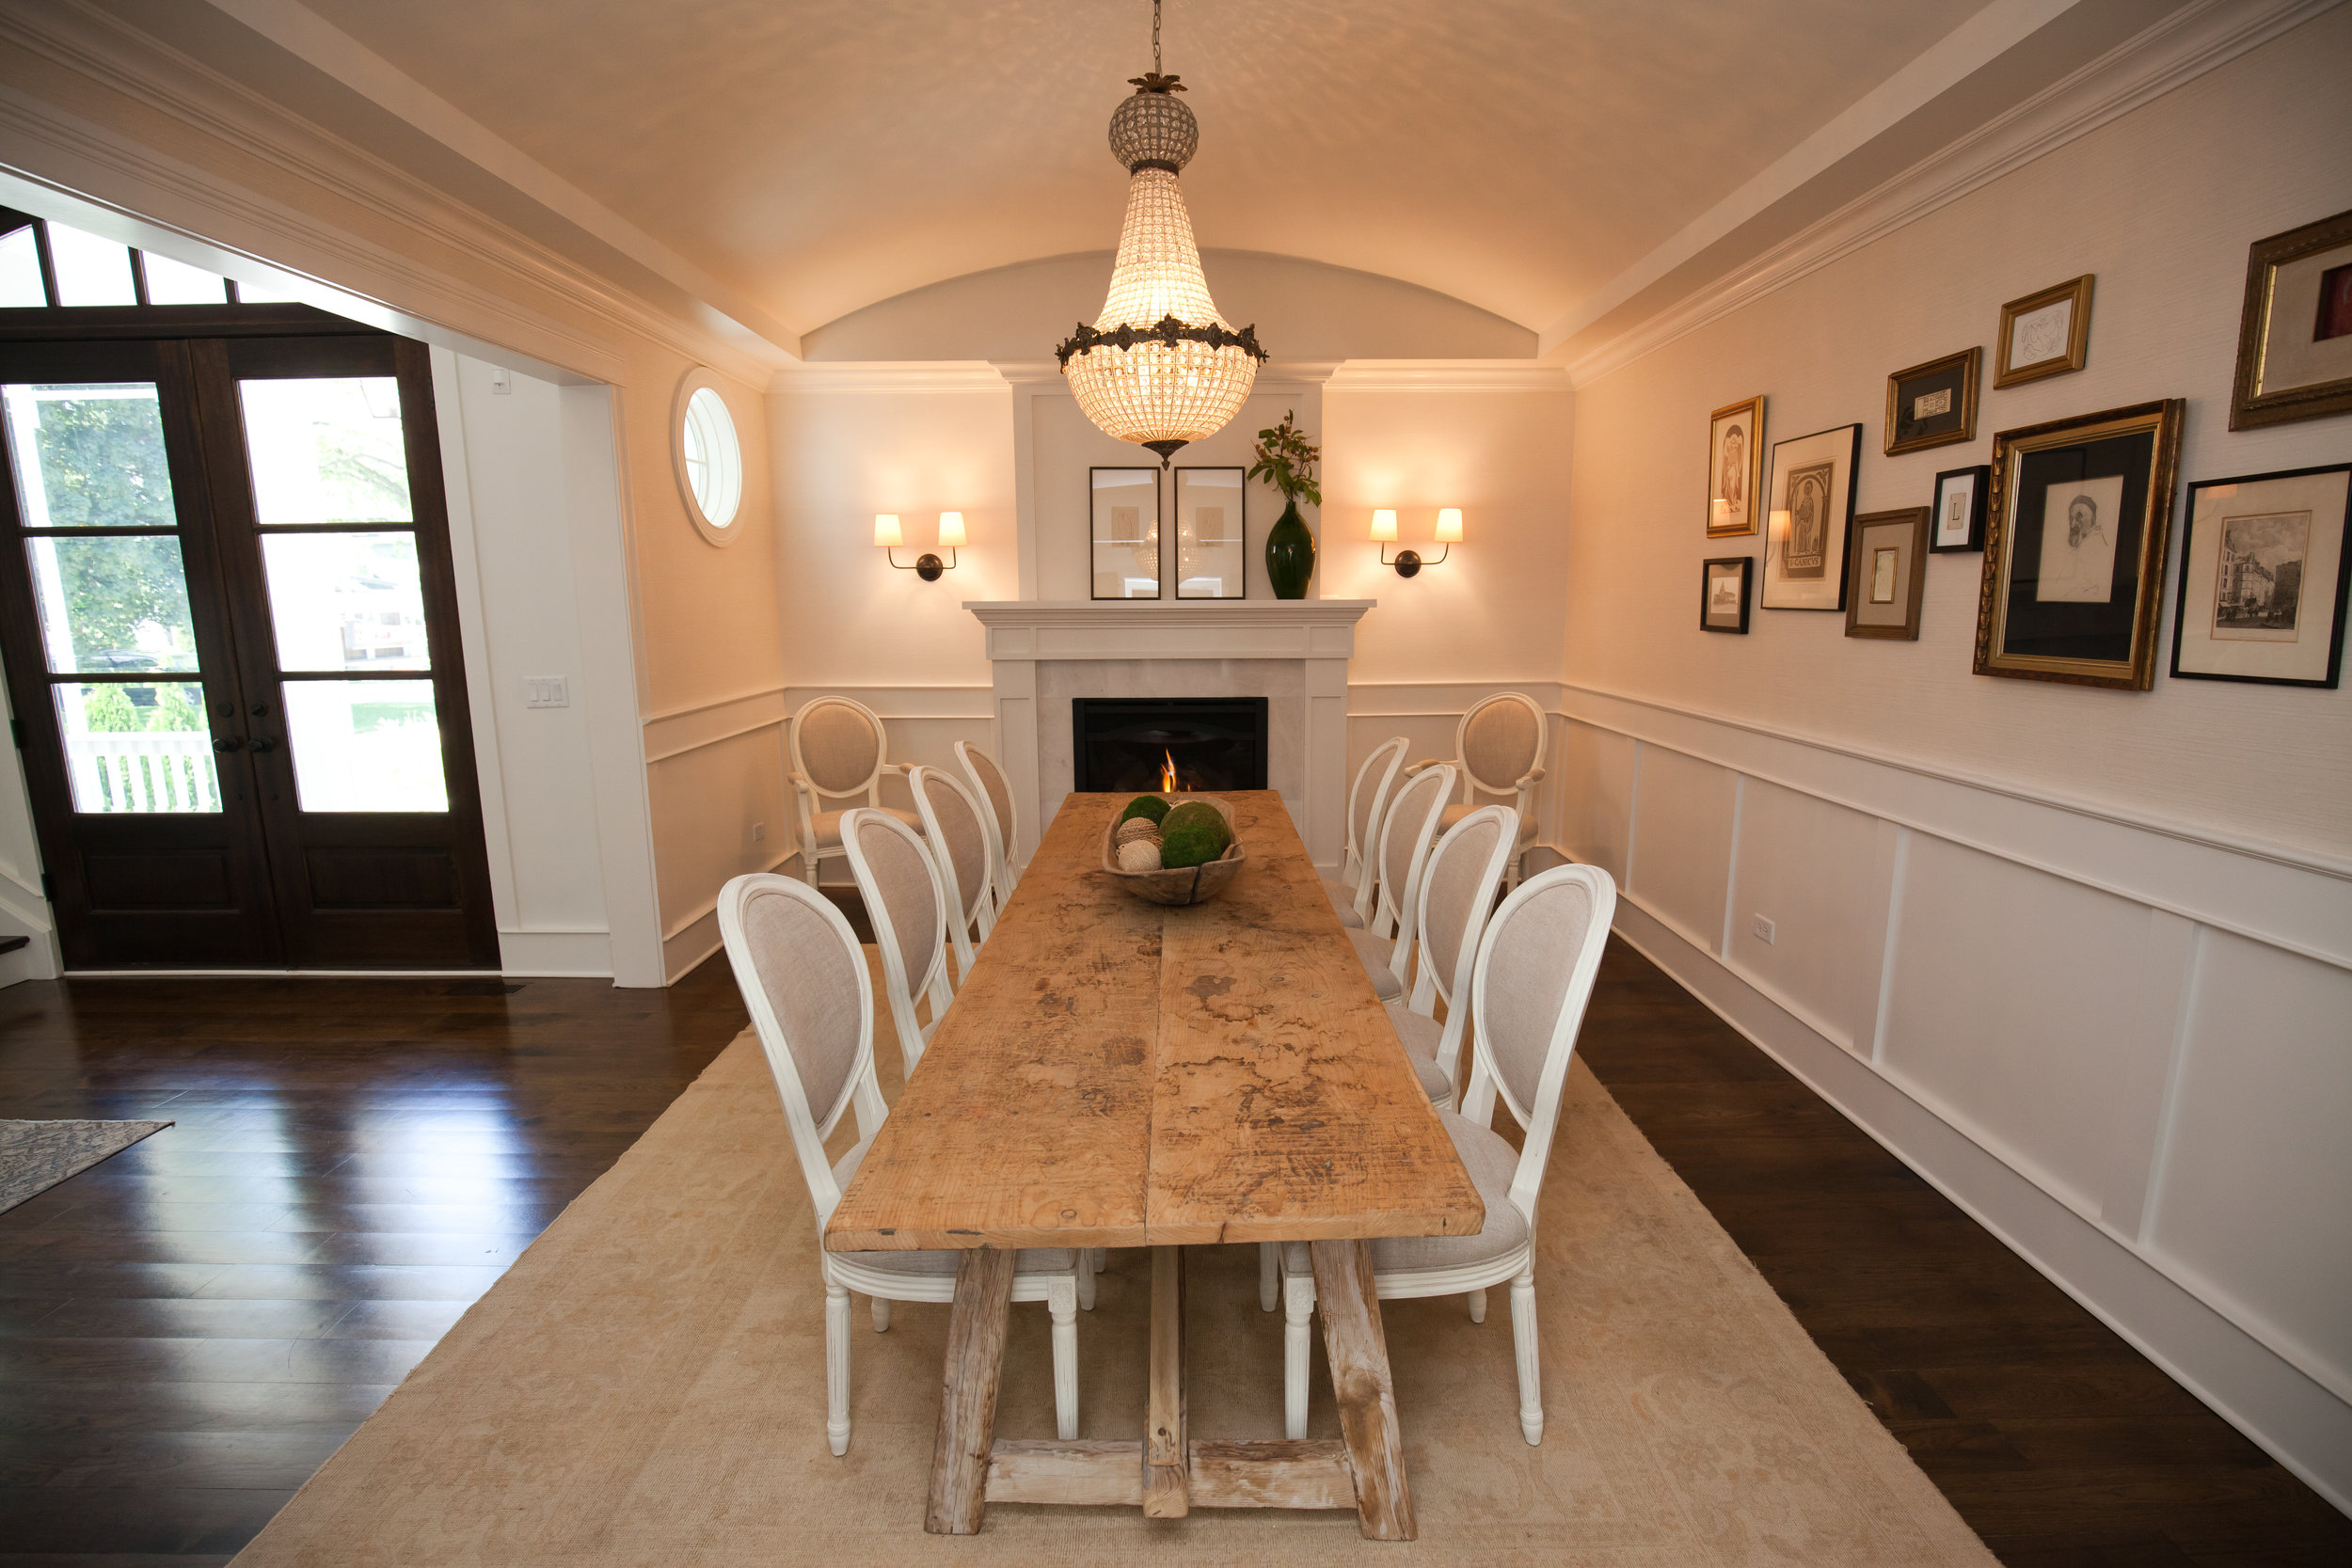 20 S Ewing Dining Room.jpg